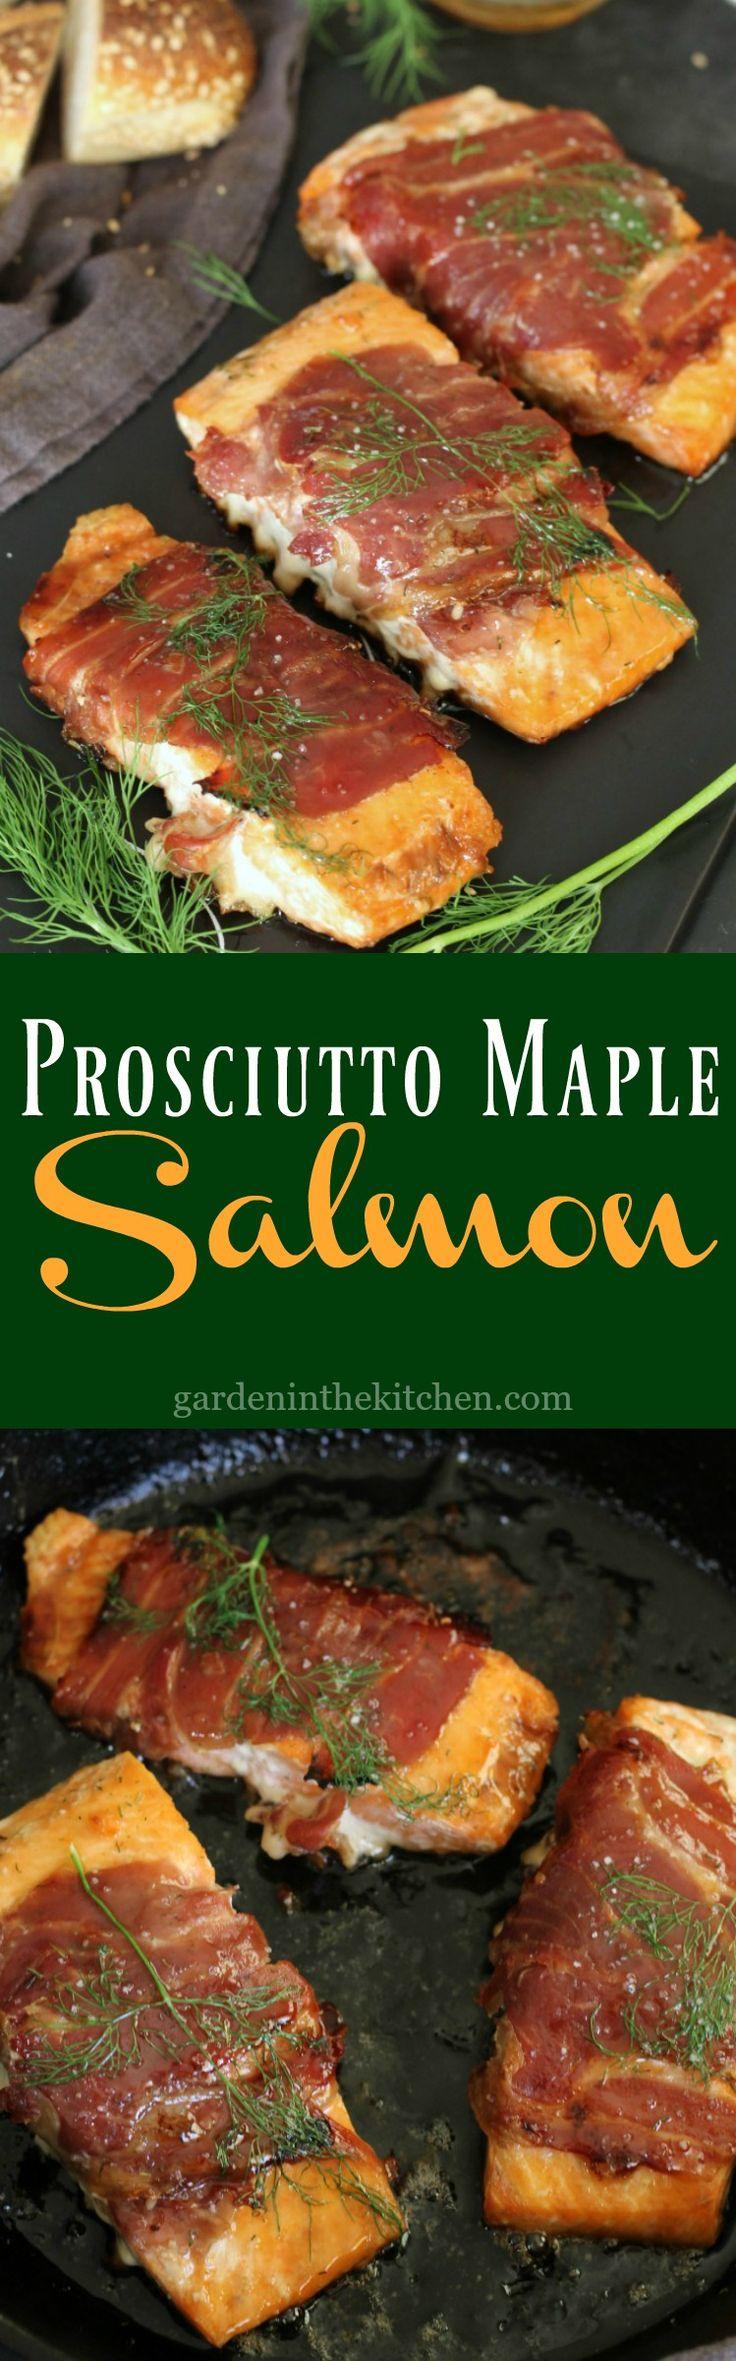 Prosciutto Maple Salmon